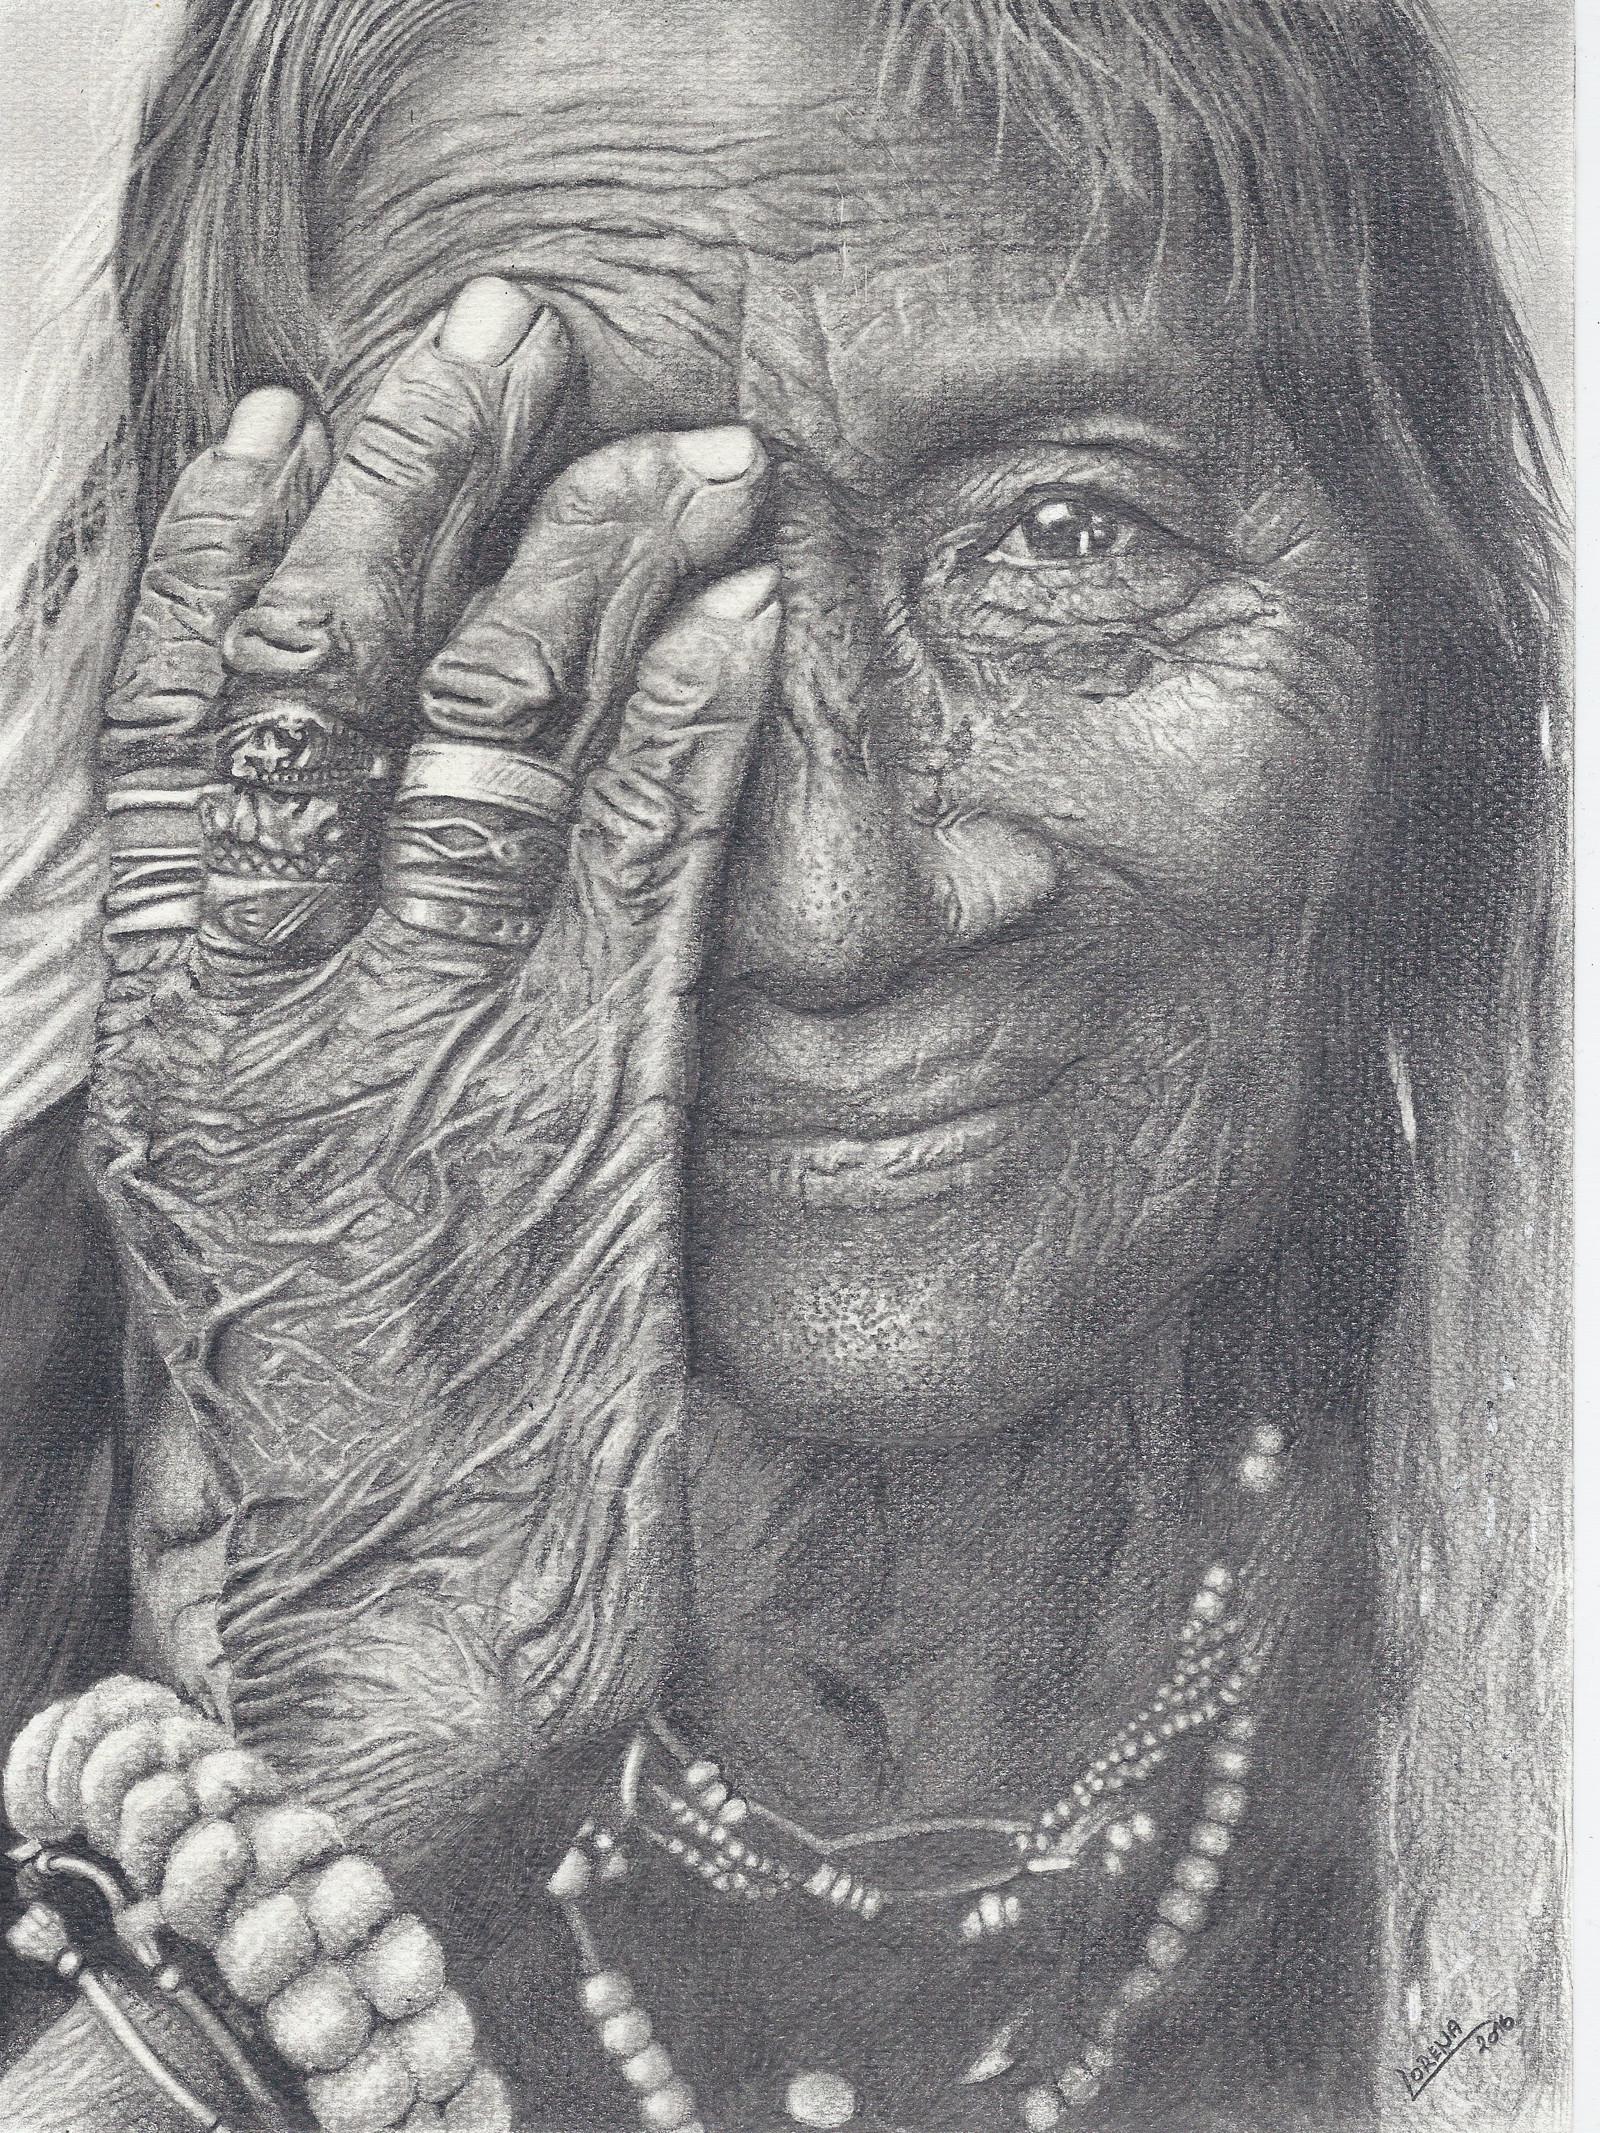 Kresba Stare Zeny Format A3 Zbozi Prodejce Lorena Portrety